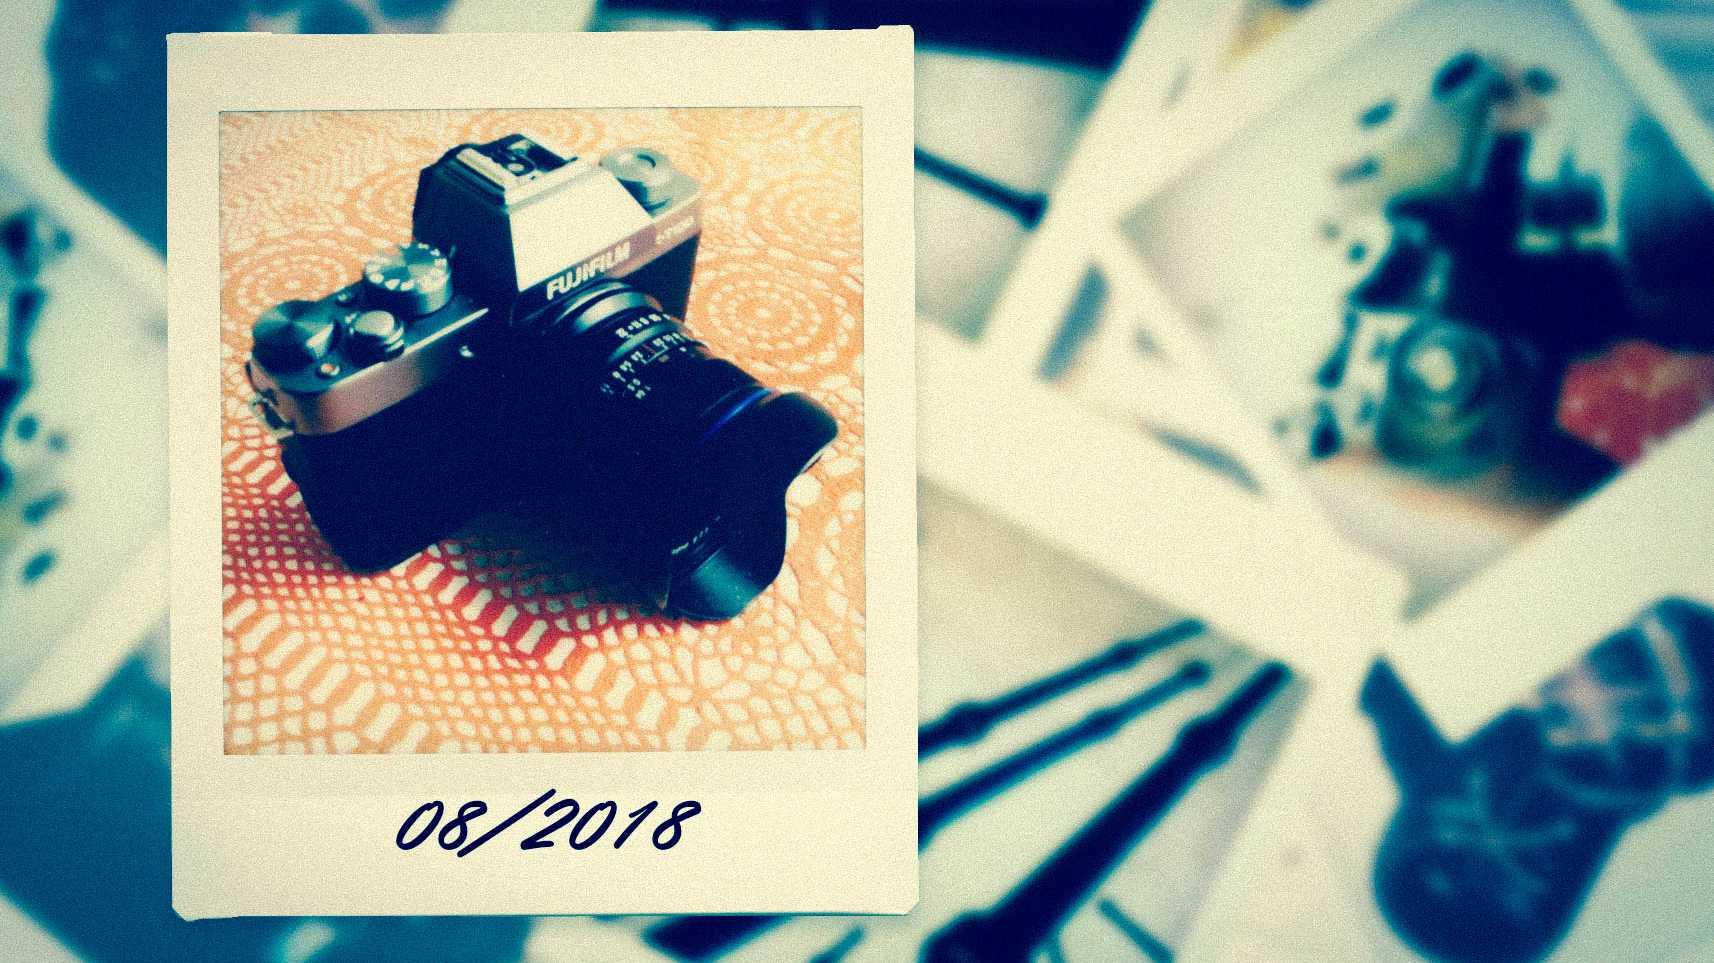 Kolumne: Vom Reisen, Testen und Teasern – der Fotografie-Monatsrückblick